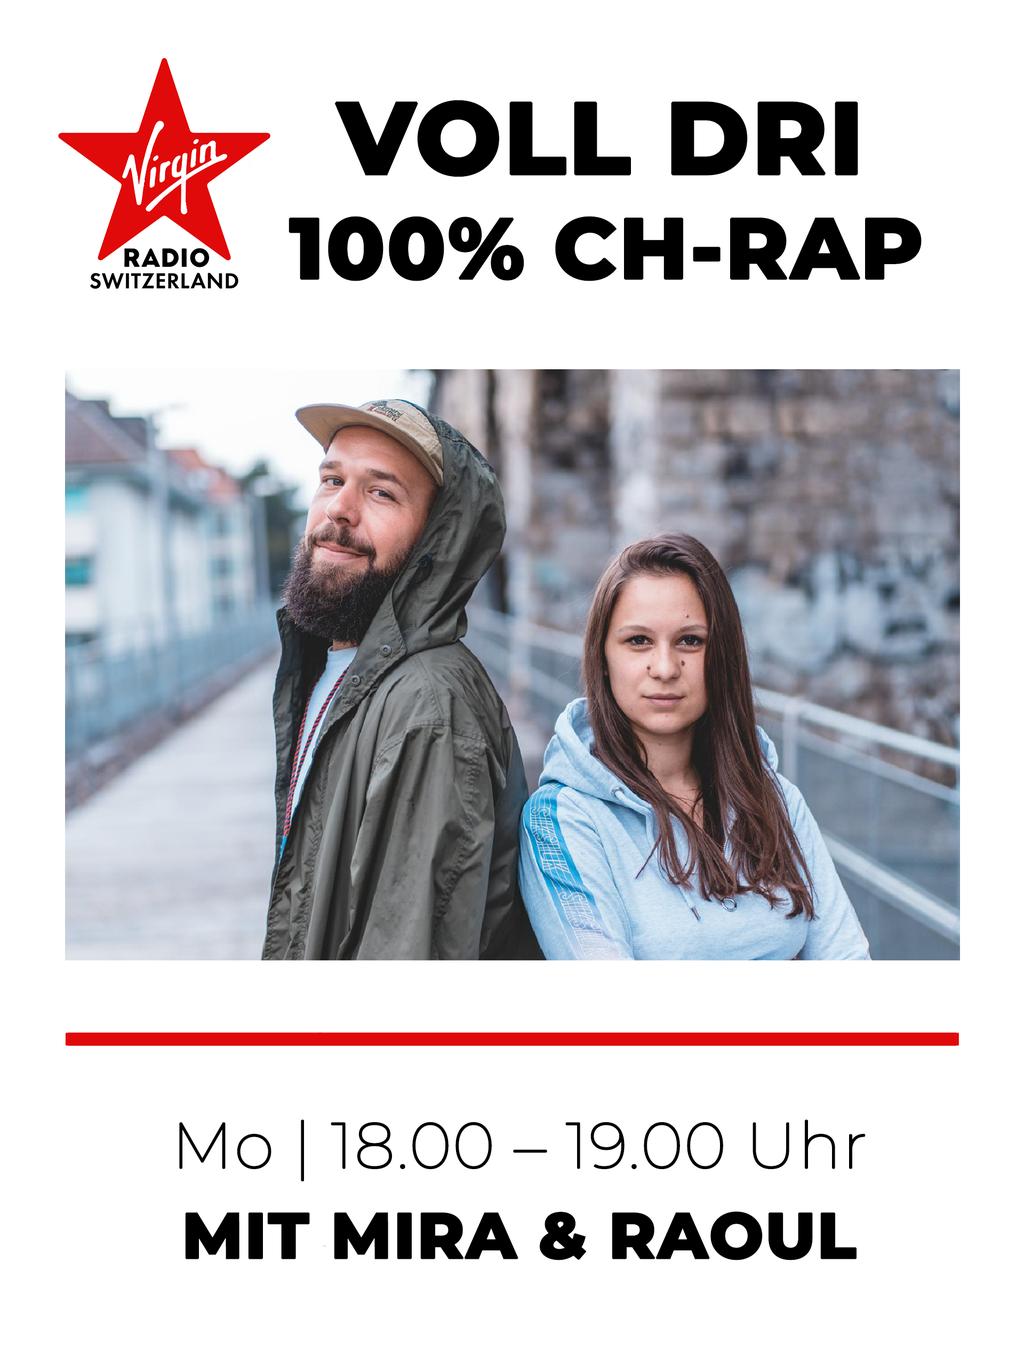 Voll dri – 100% CH-Rap